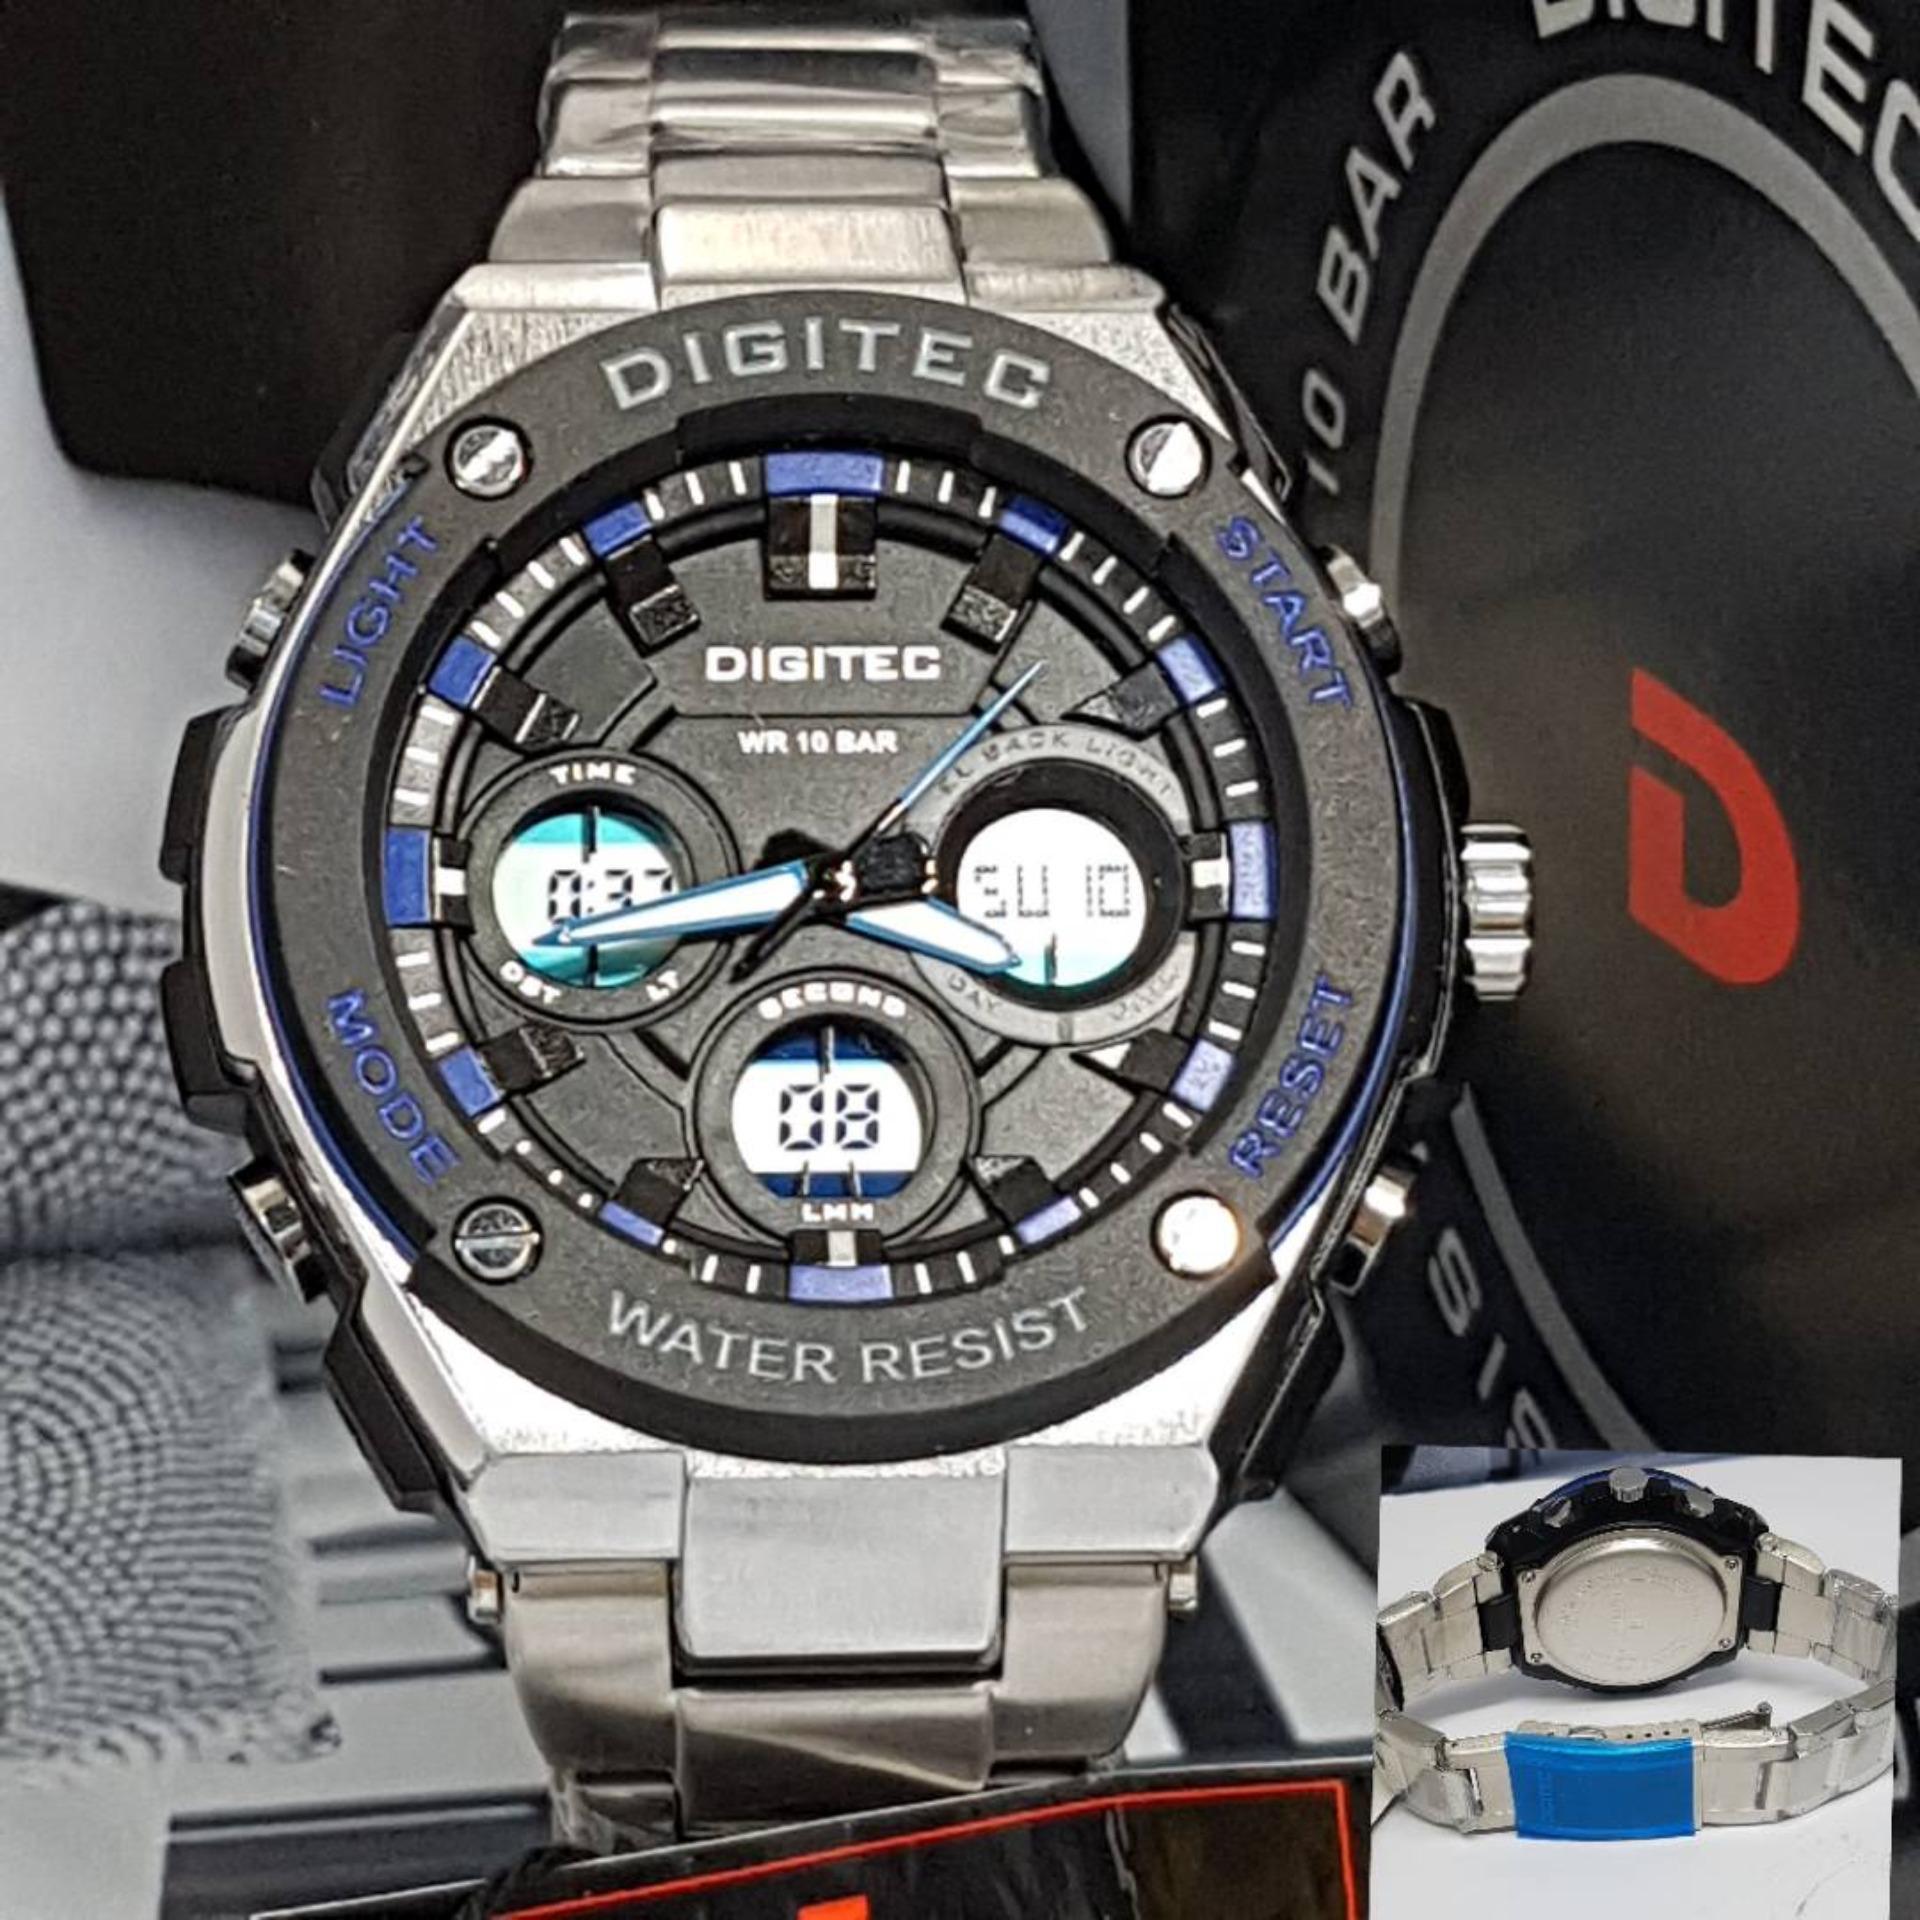 Digitec Rantai Jam Tangan Pria Model Terbaru-DG 3012 AR